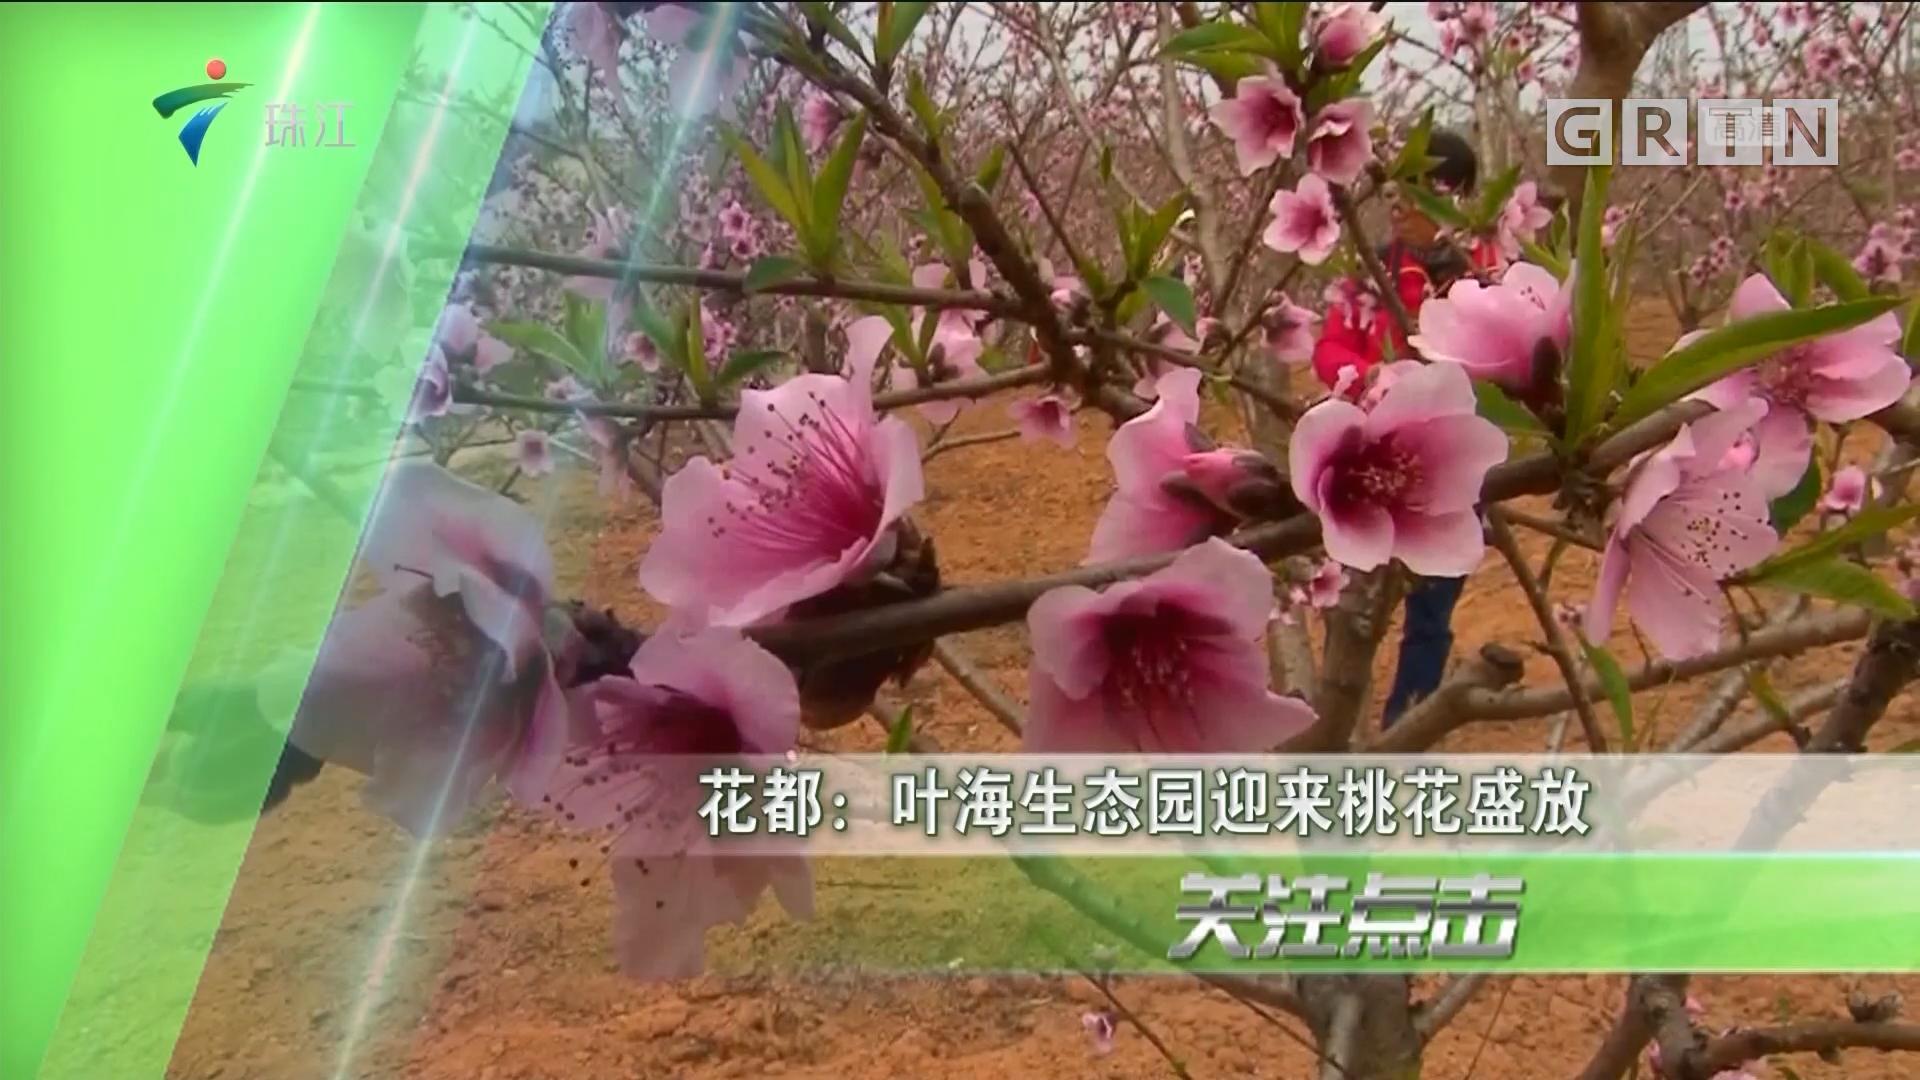 花都:叶海生态园迎来桃花盛放